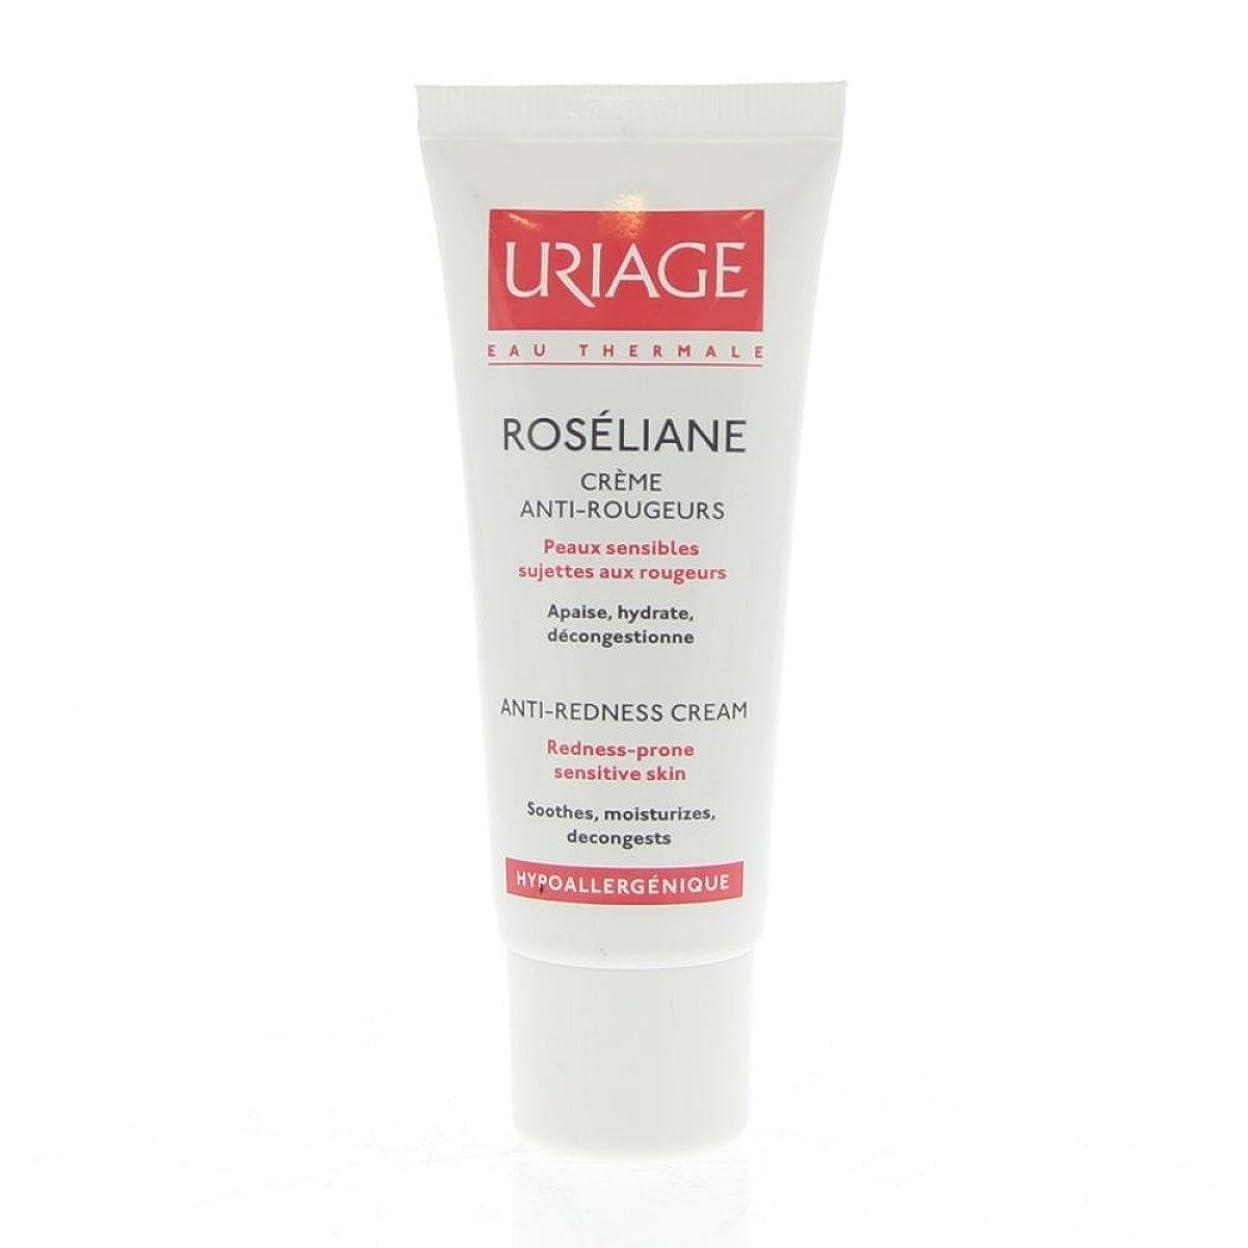 モスフリッパー立証するUriage Roseliane Anti-redness Cream 40ml [並行輸入品]